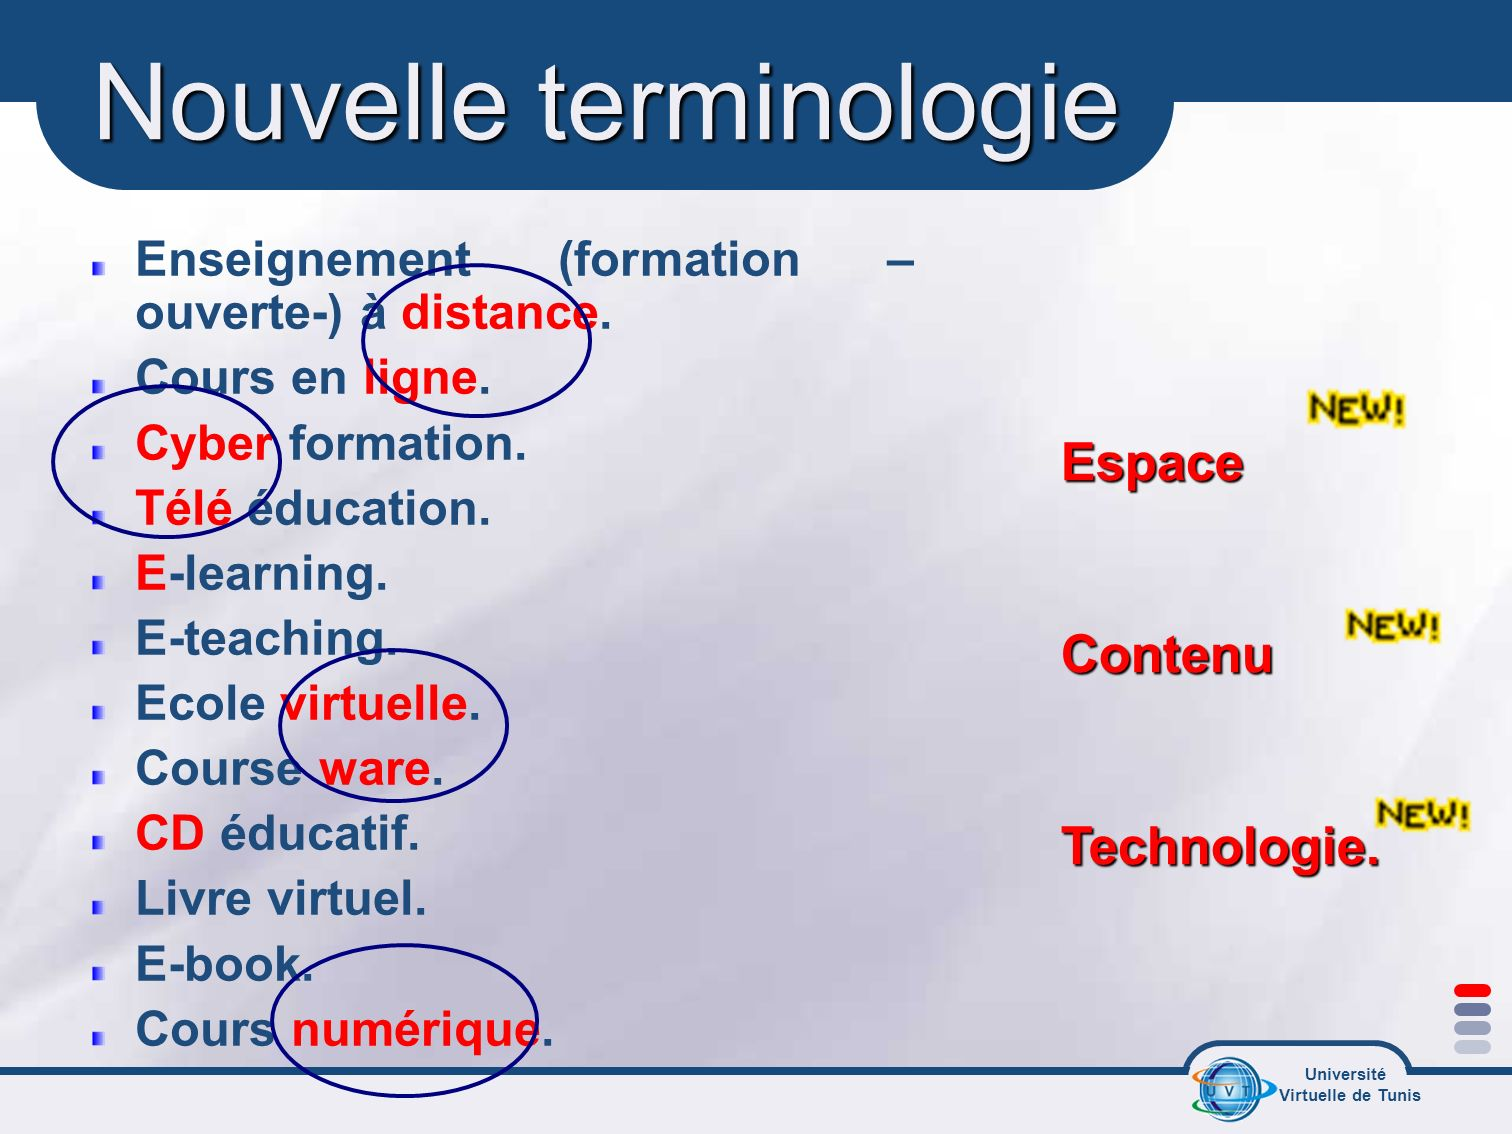 Université Virtuelle de Tunis Bureau virtuel